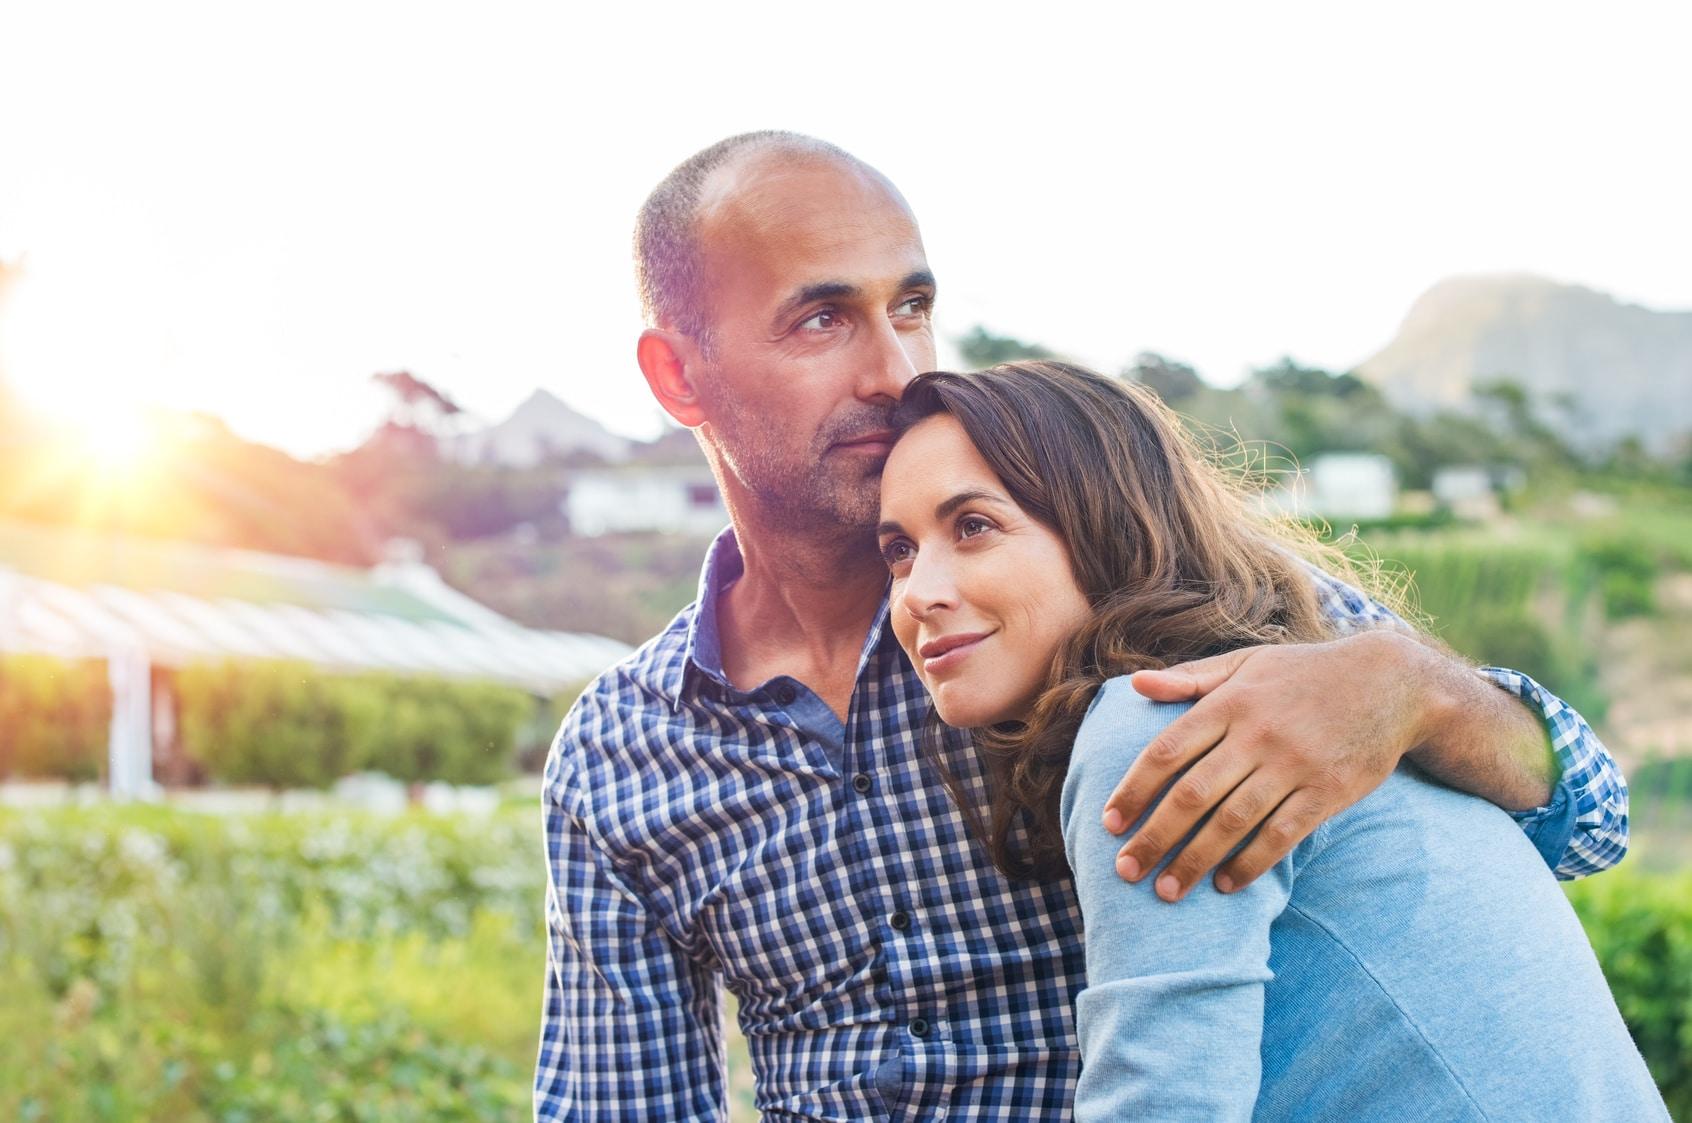 Ein Paar mitleren Alters steht auf einer grünen Wiese. Der Mann hält seine Frau im Arm und lächeln leicht und wirken entspannt. Sie zeigen mit ihrer Mimik und Gestik Gefühle der Harmonie. Ser Mann zeigt deutlich ein Selbstbewusstses auftreten, so als würde er seine Frau jederzeit beschützen können. Der Mann hat keine Haare und die Frau hat lange dunkelbraune gewellte Haare. Sie ist mit einem hellblauen Pullover bekleidet und er trägt ein blau/weiss kariertes Freizeithemd.